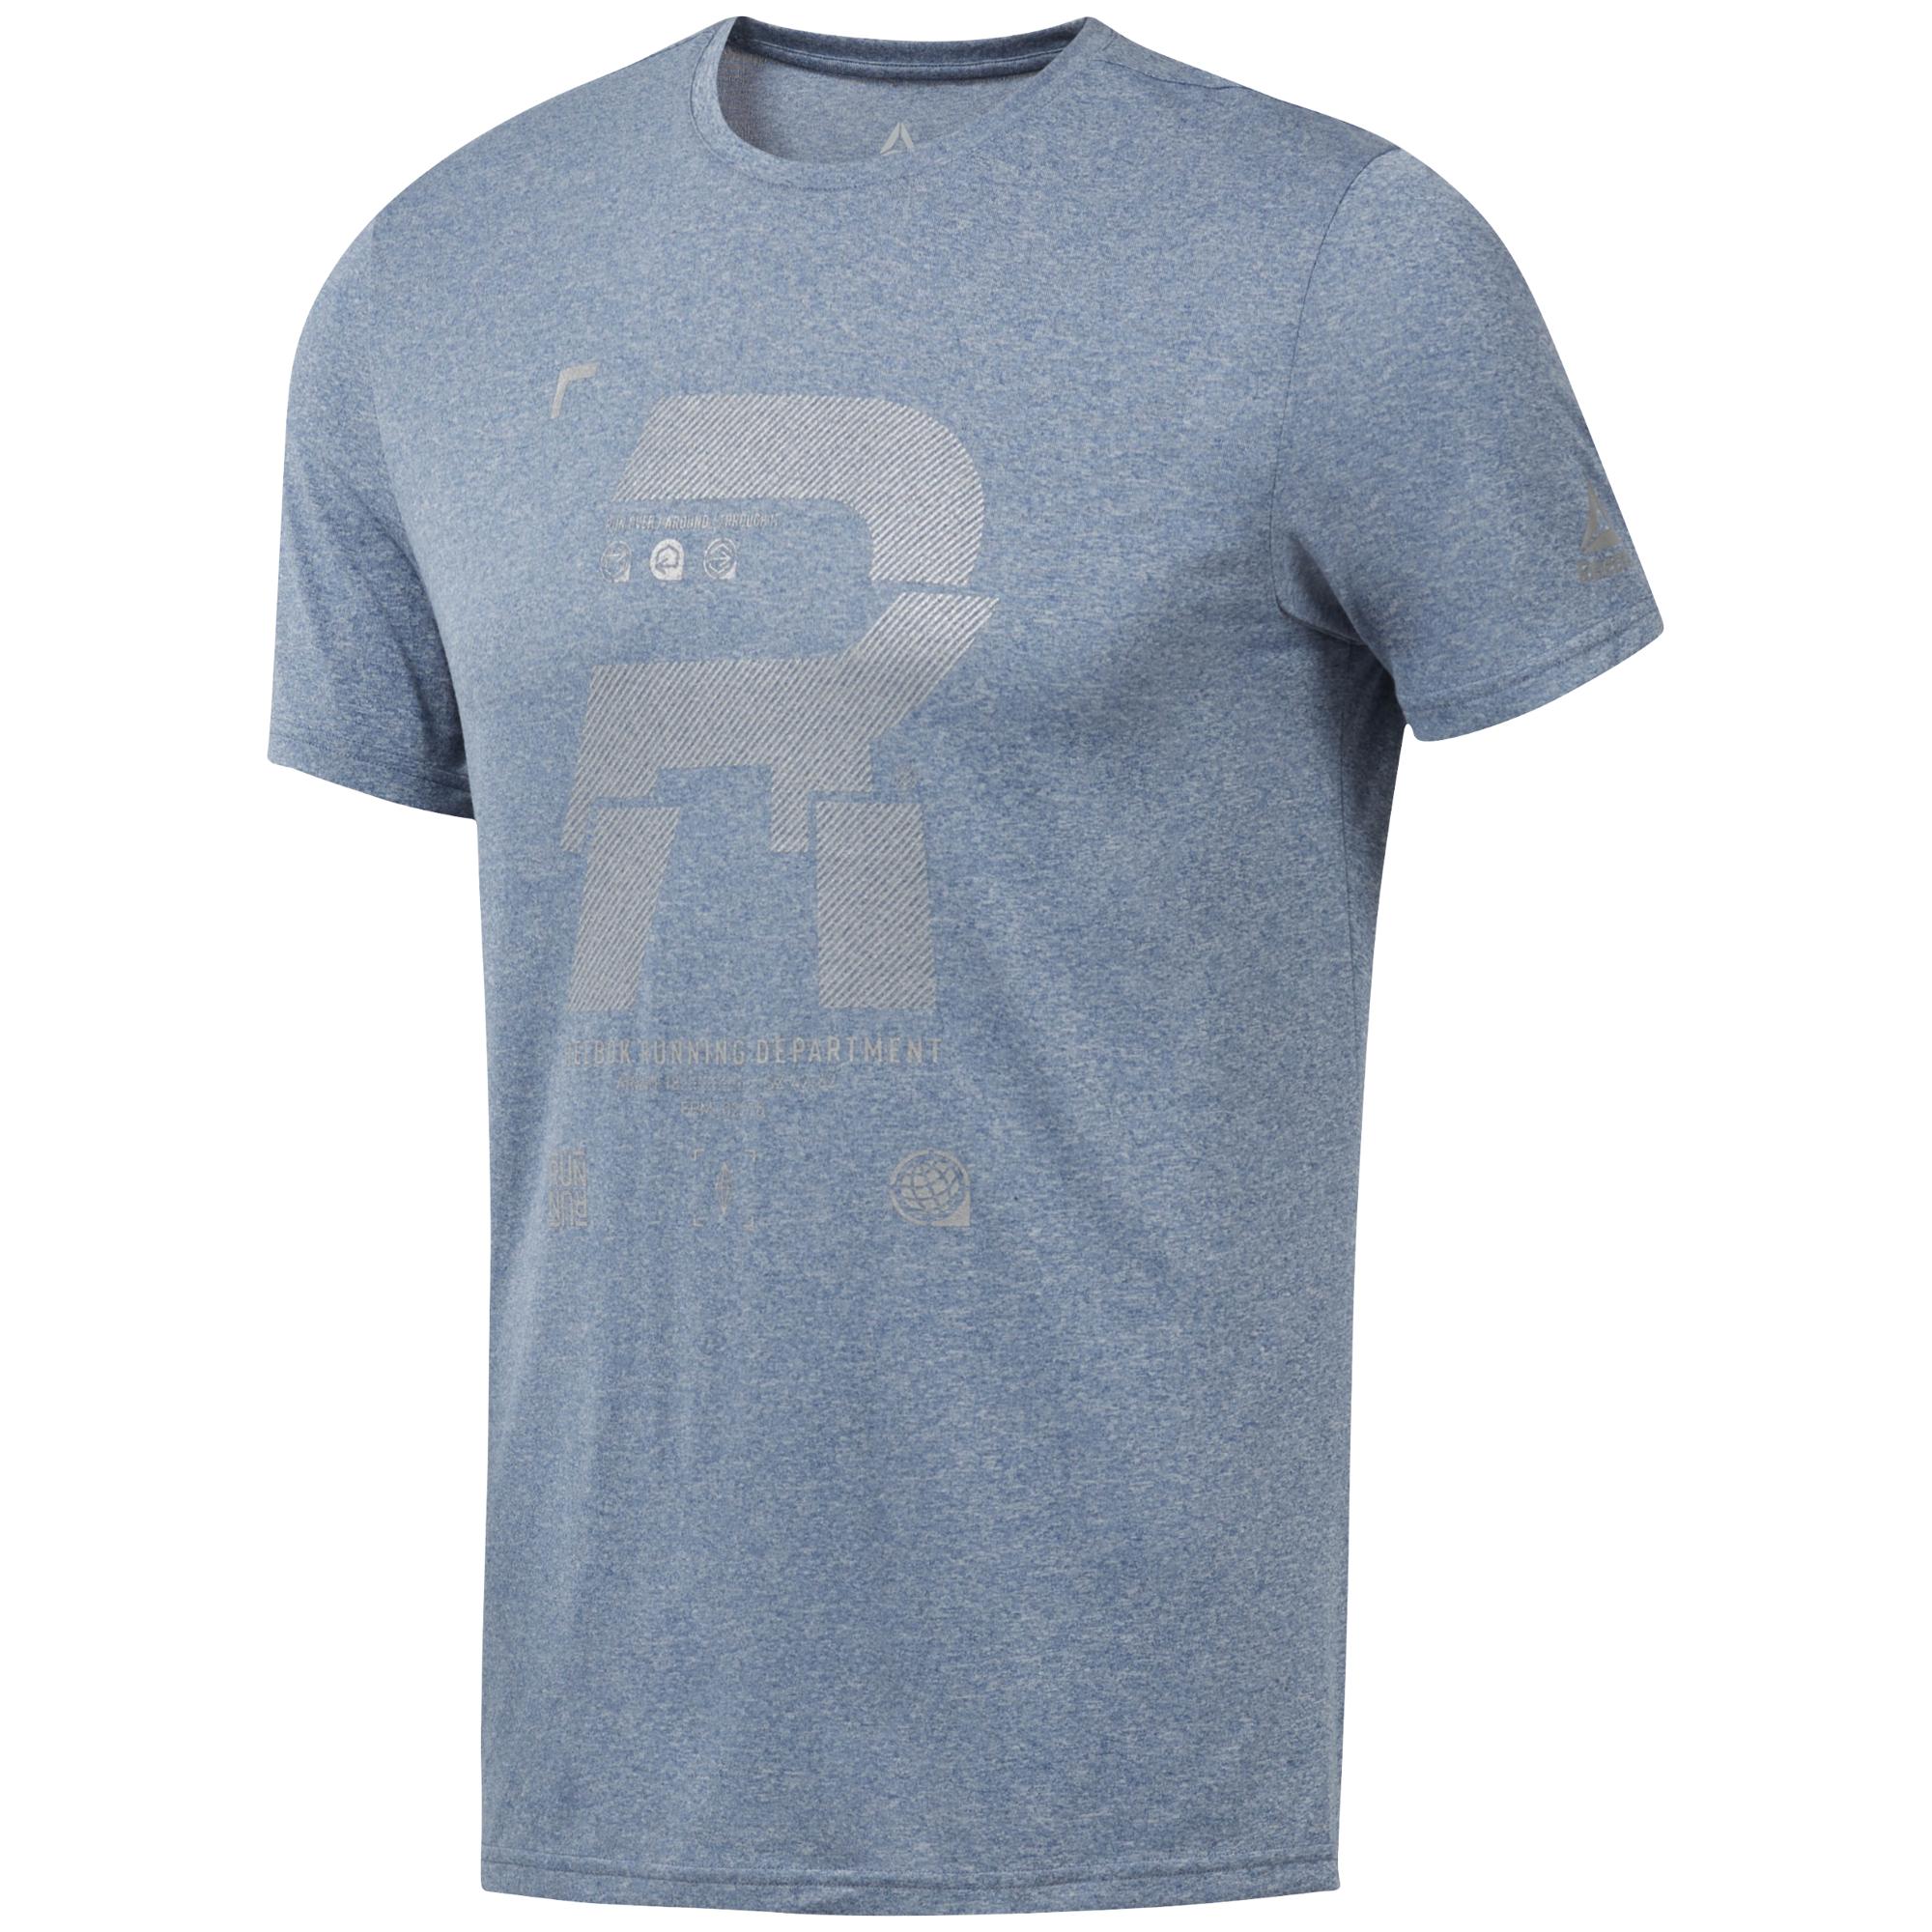 tanio na sprzedaż Nowy Jork brak podatku od sprzedaży T-shirt Reebok Running Reflective